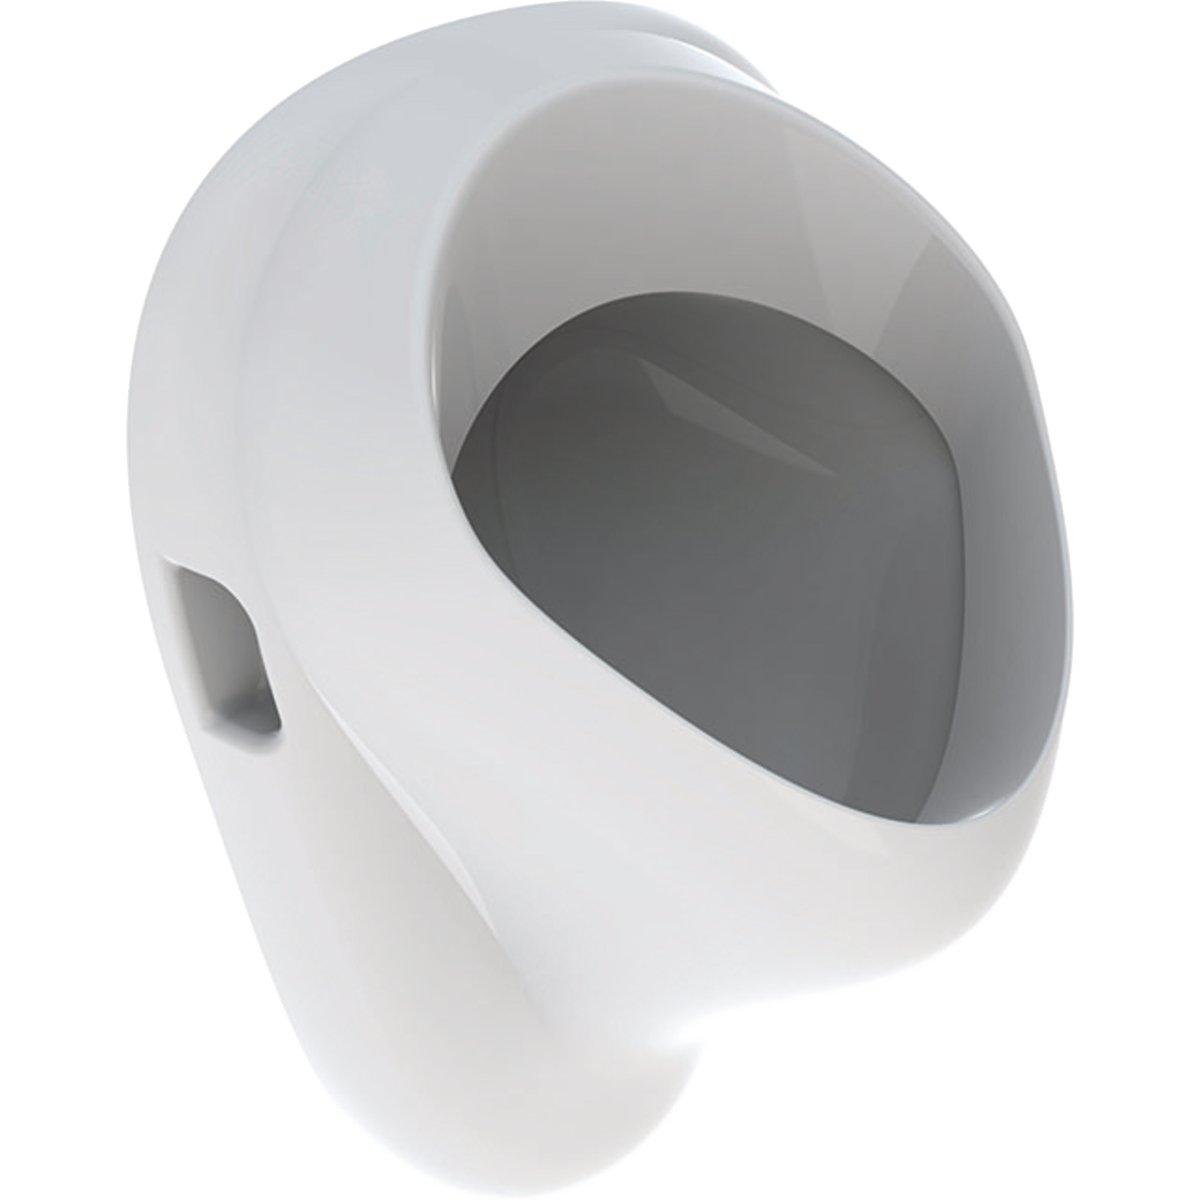 Productafbeelding van Geberit E-Con urinoir met achterinlaat, afvoer naar achteren, wit